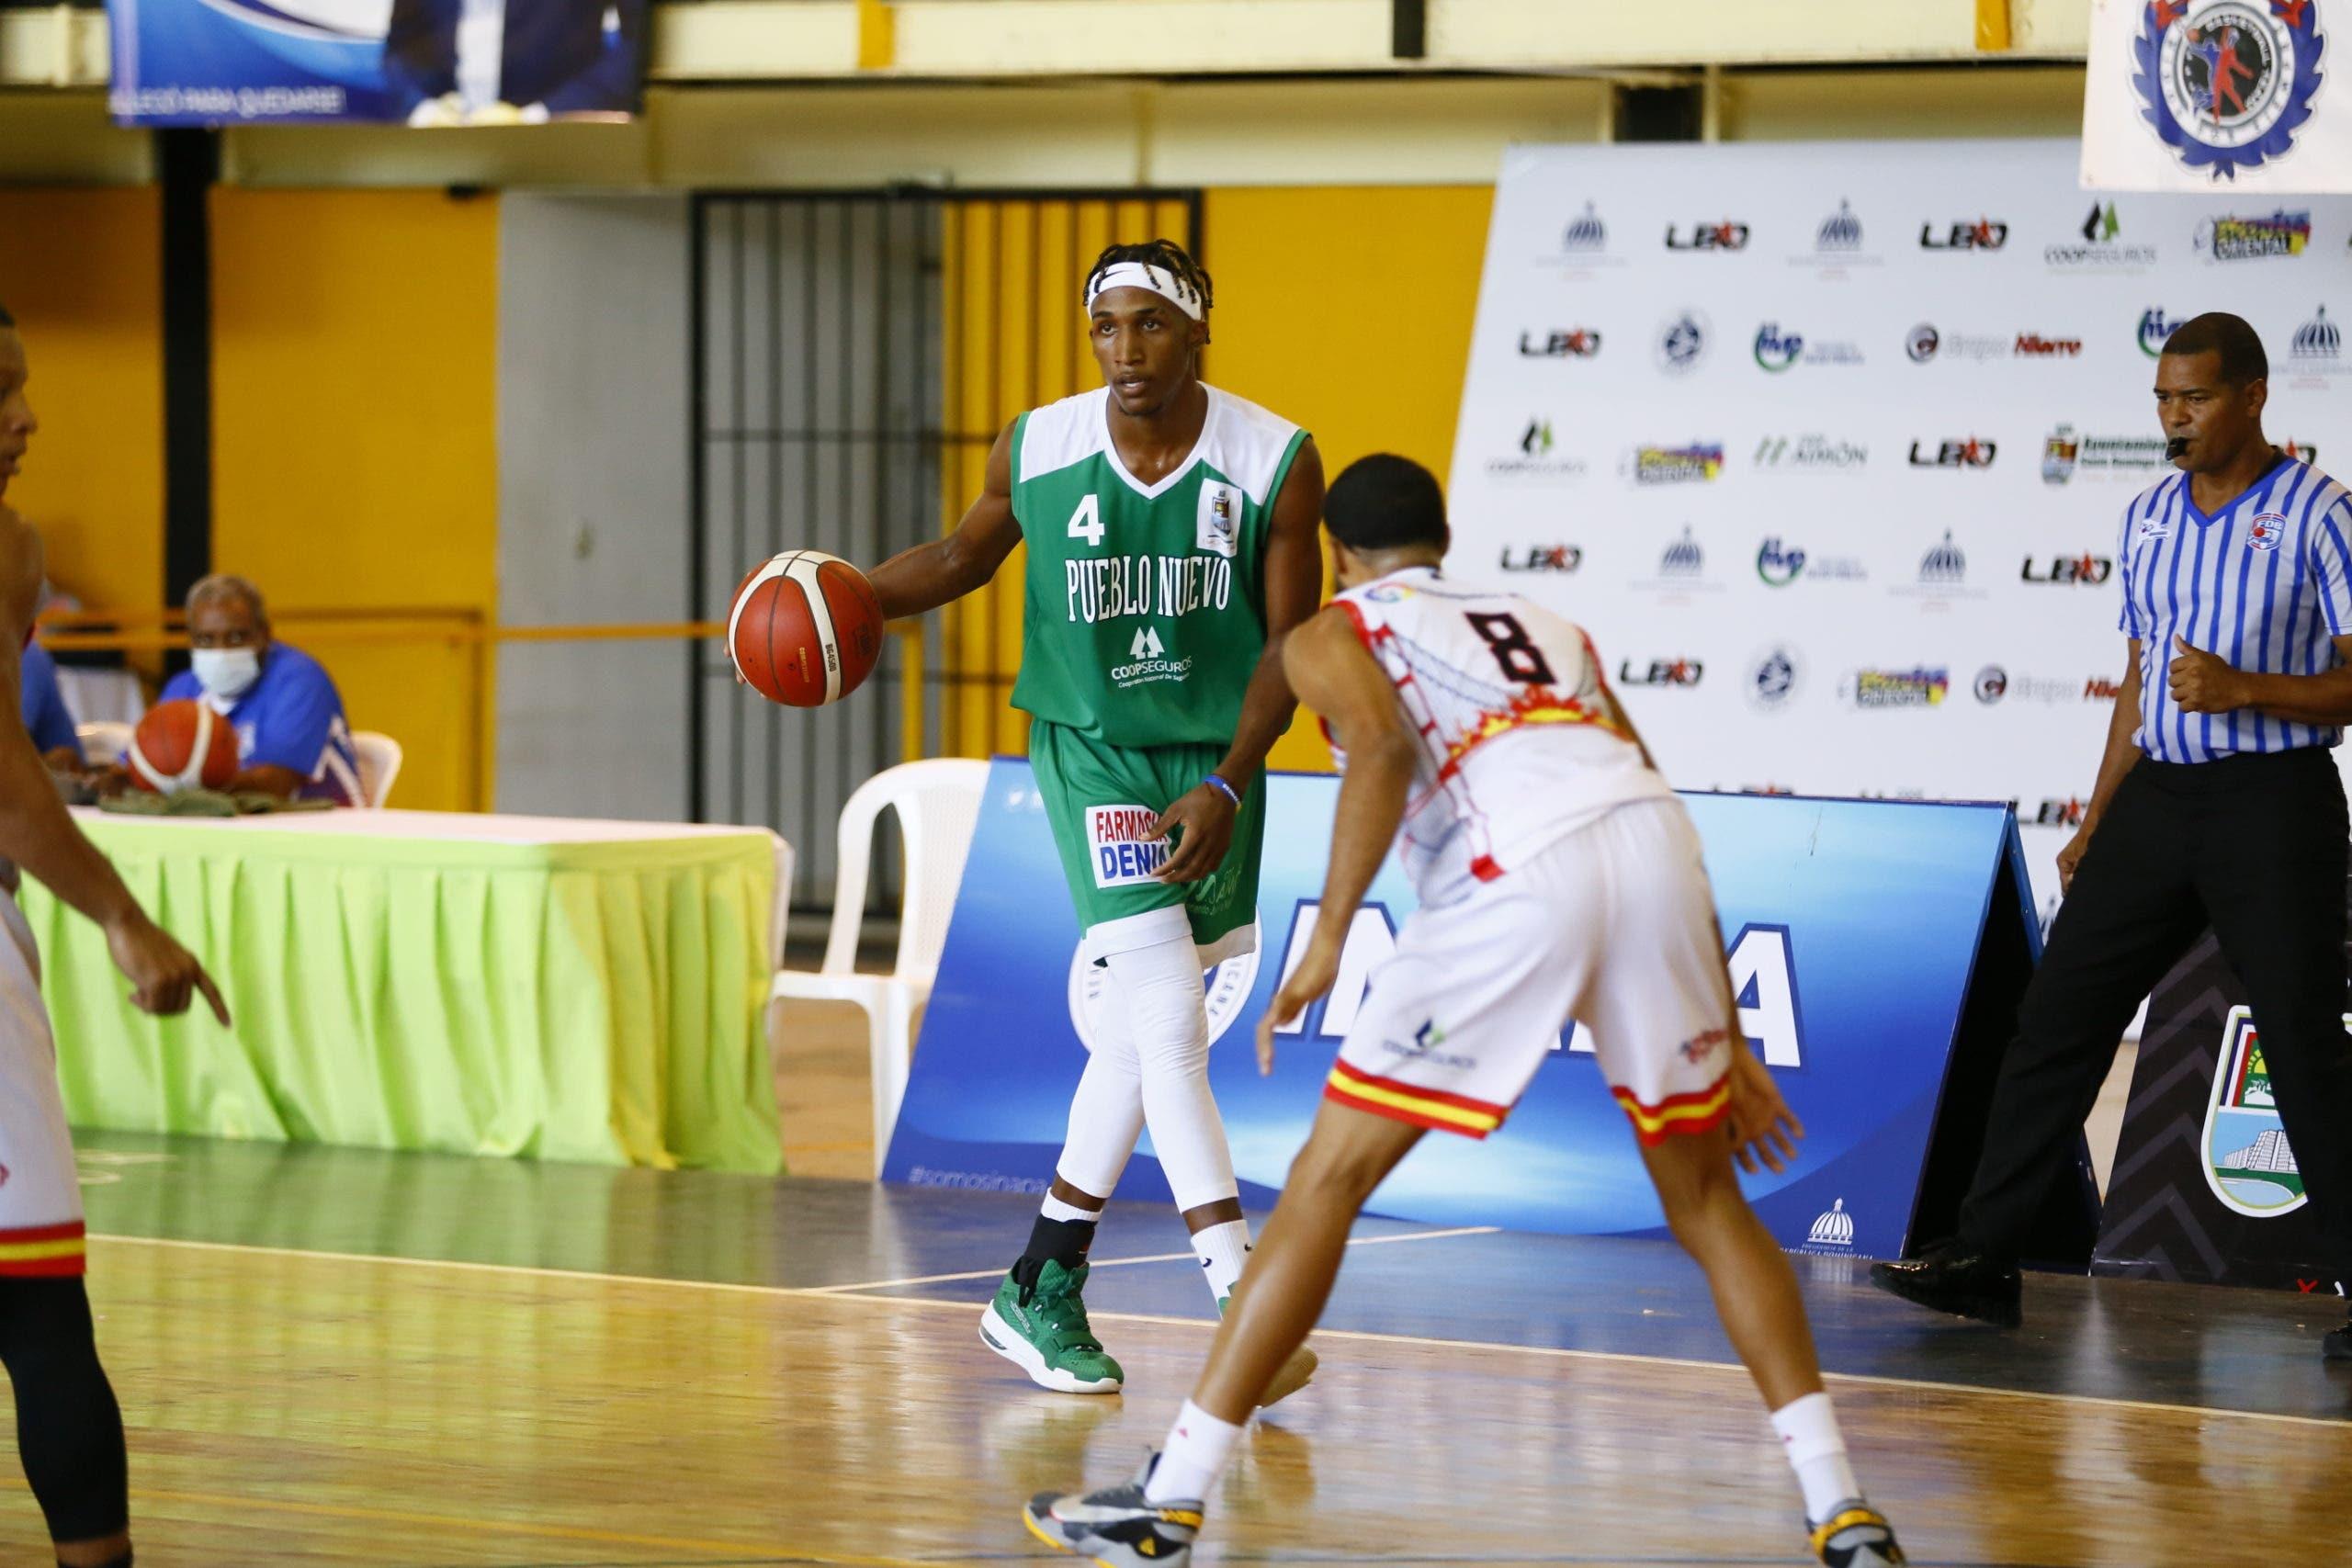 Club Pueblo Nuevo escala el segundo lugar torneo basket de SDE; Los Frailes se imponen